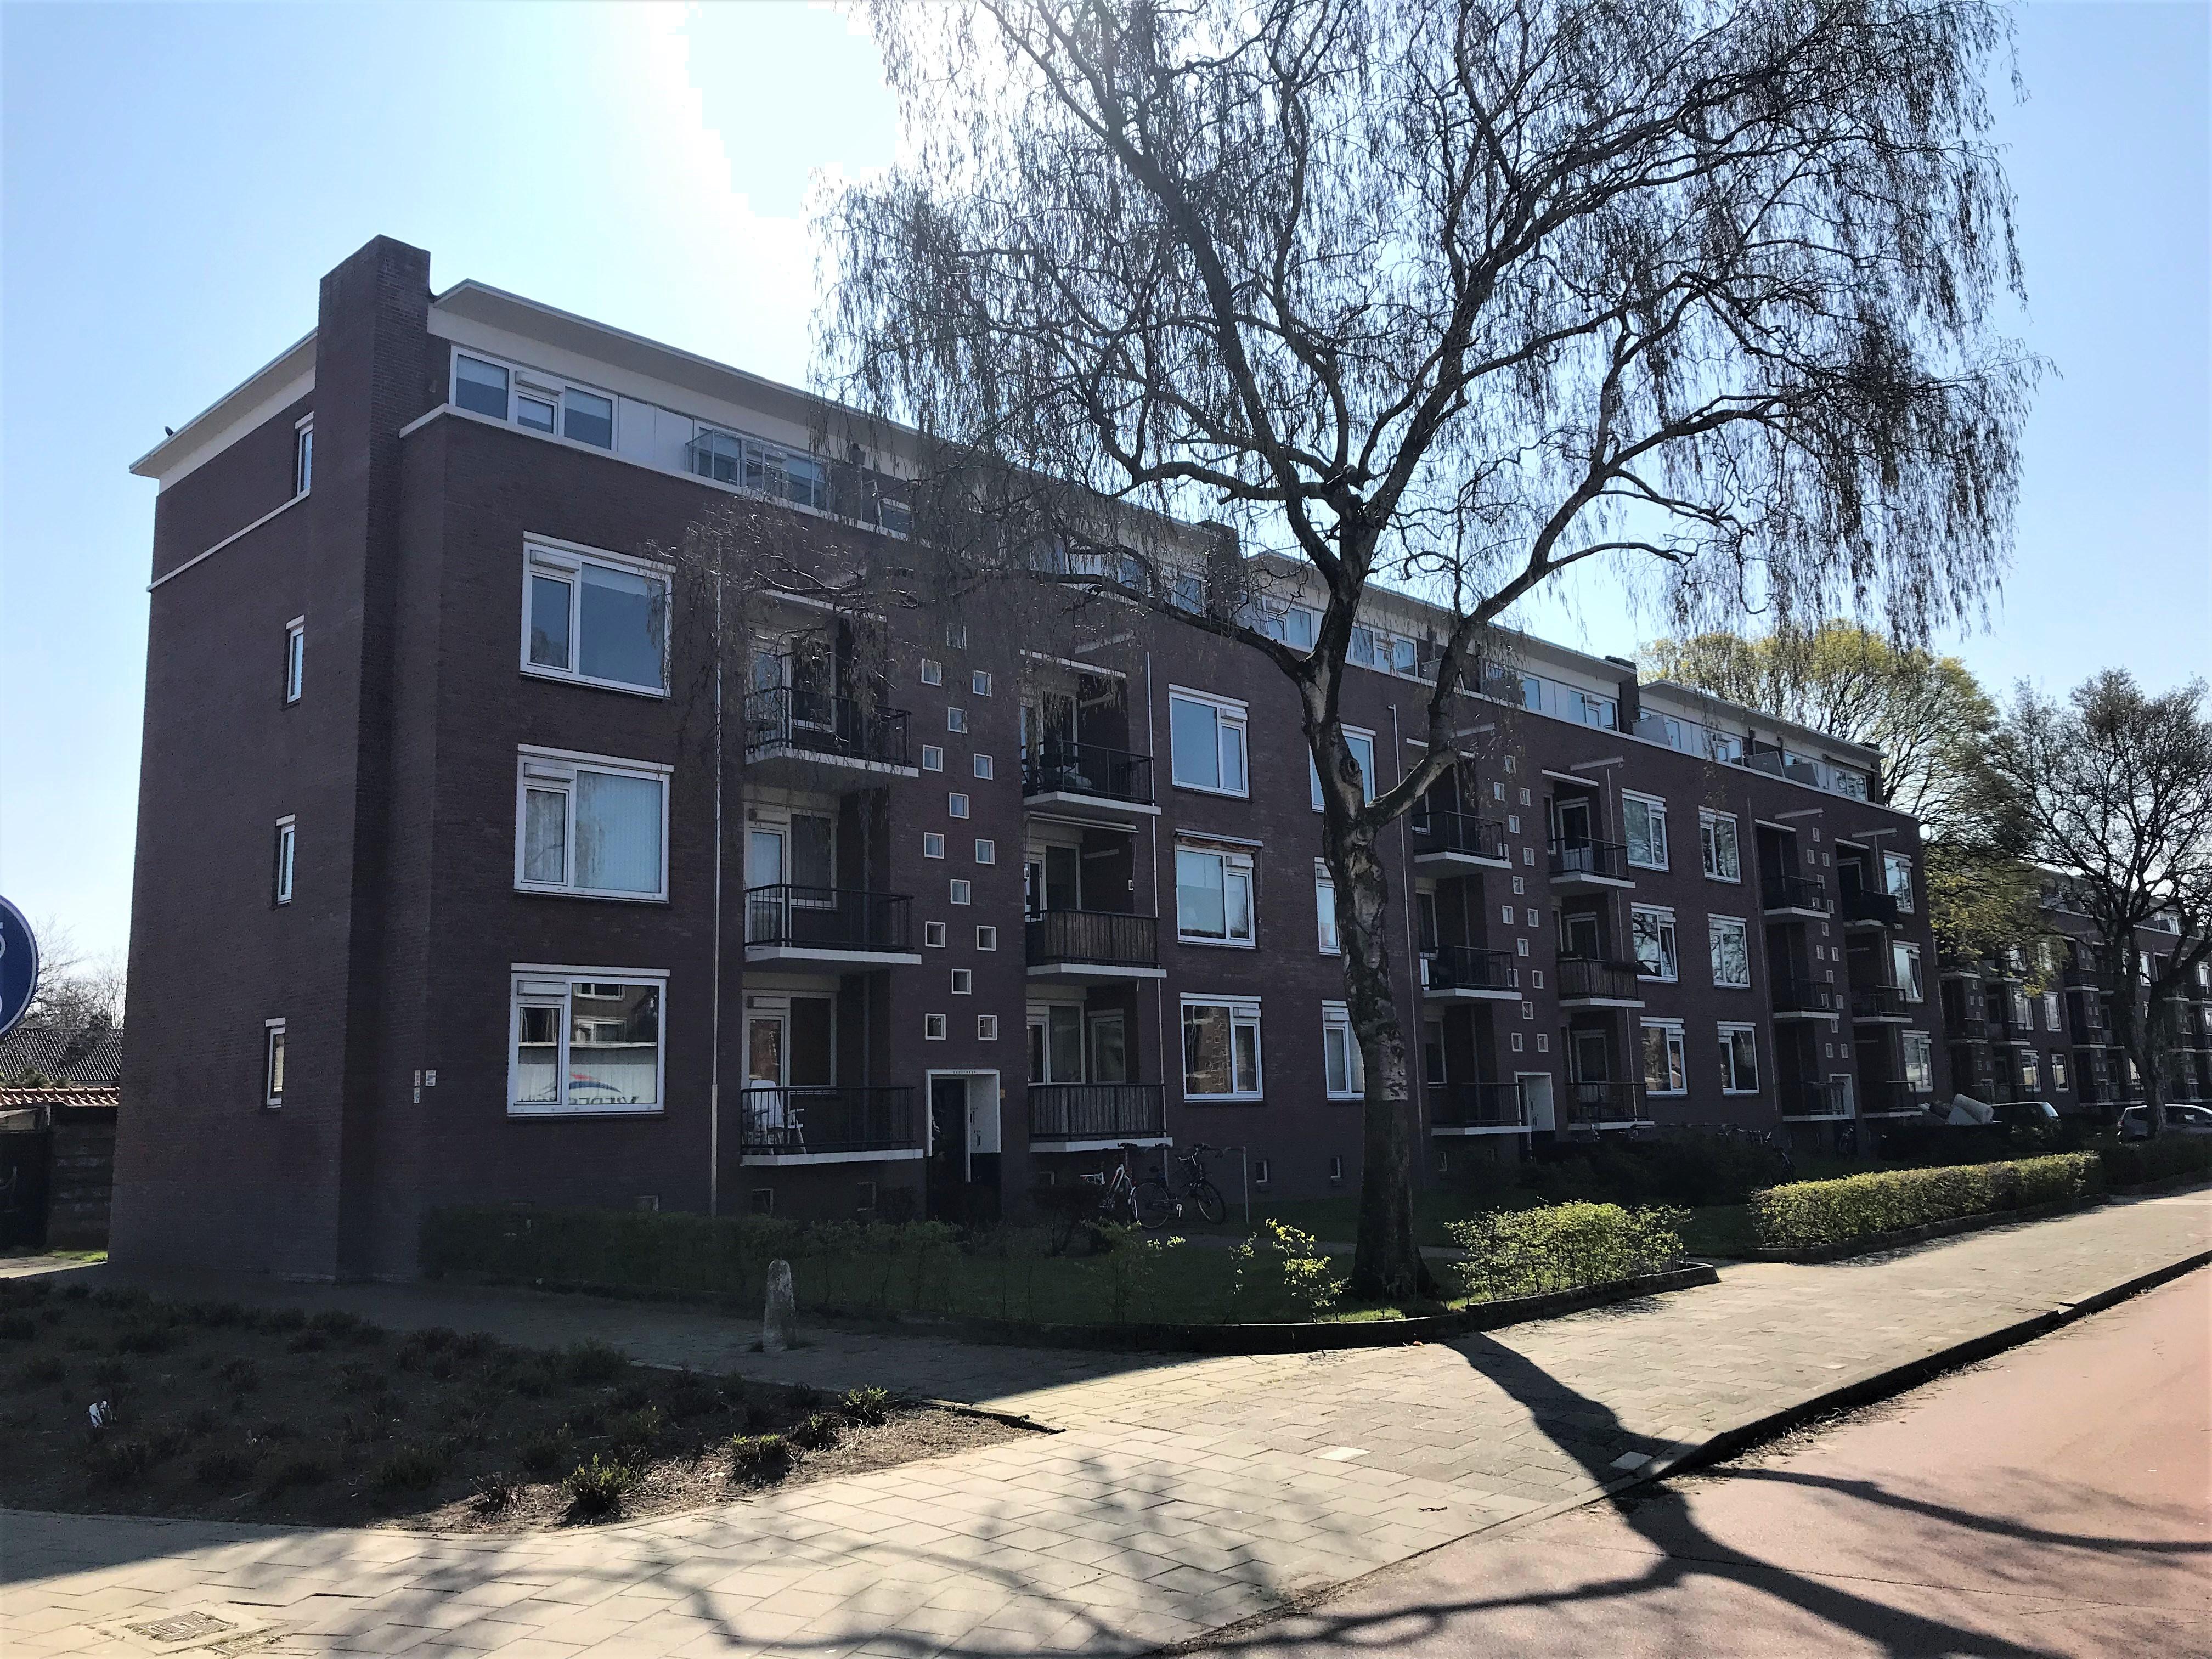 Appartement verkopen in Eindhoven